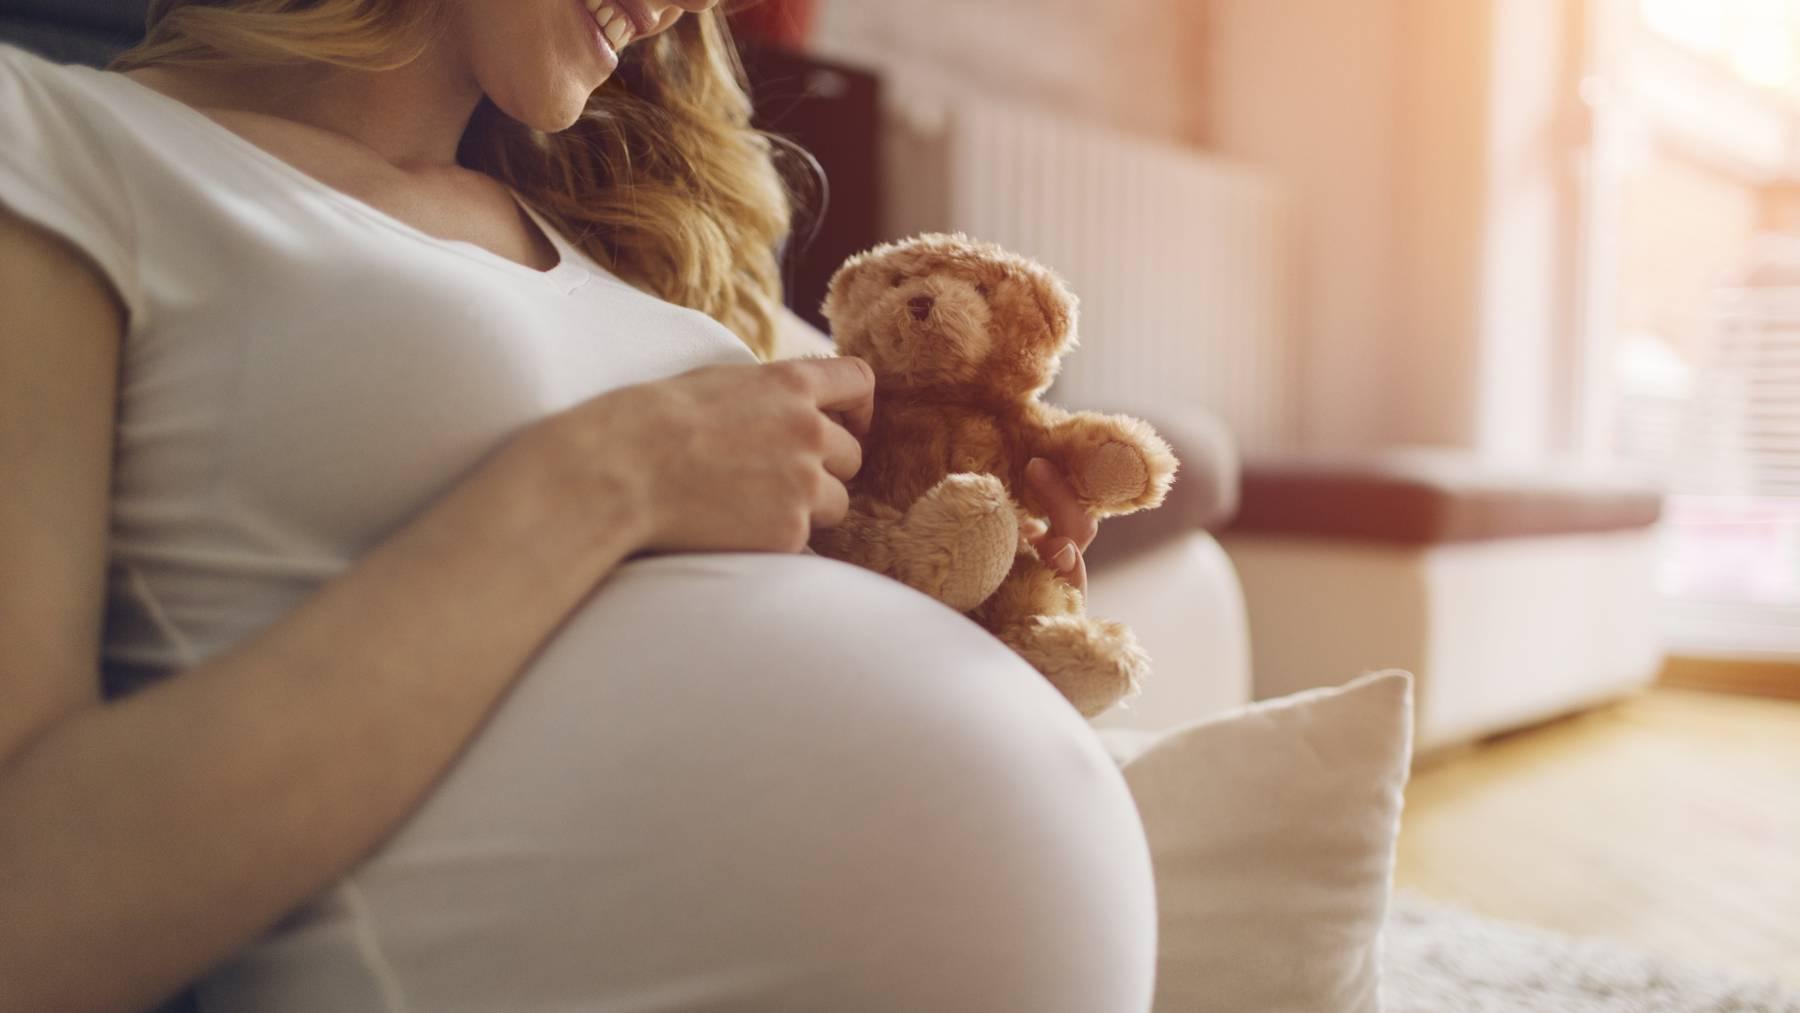 Säuglinge erinnern sich an Kinderlieder, die ihnen die Mutter während der Schwangerschaft vorgesungen hat